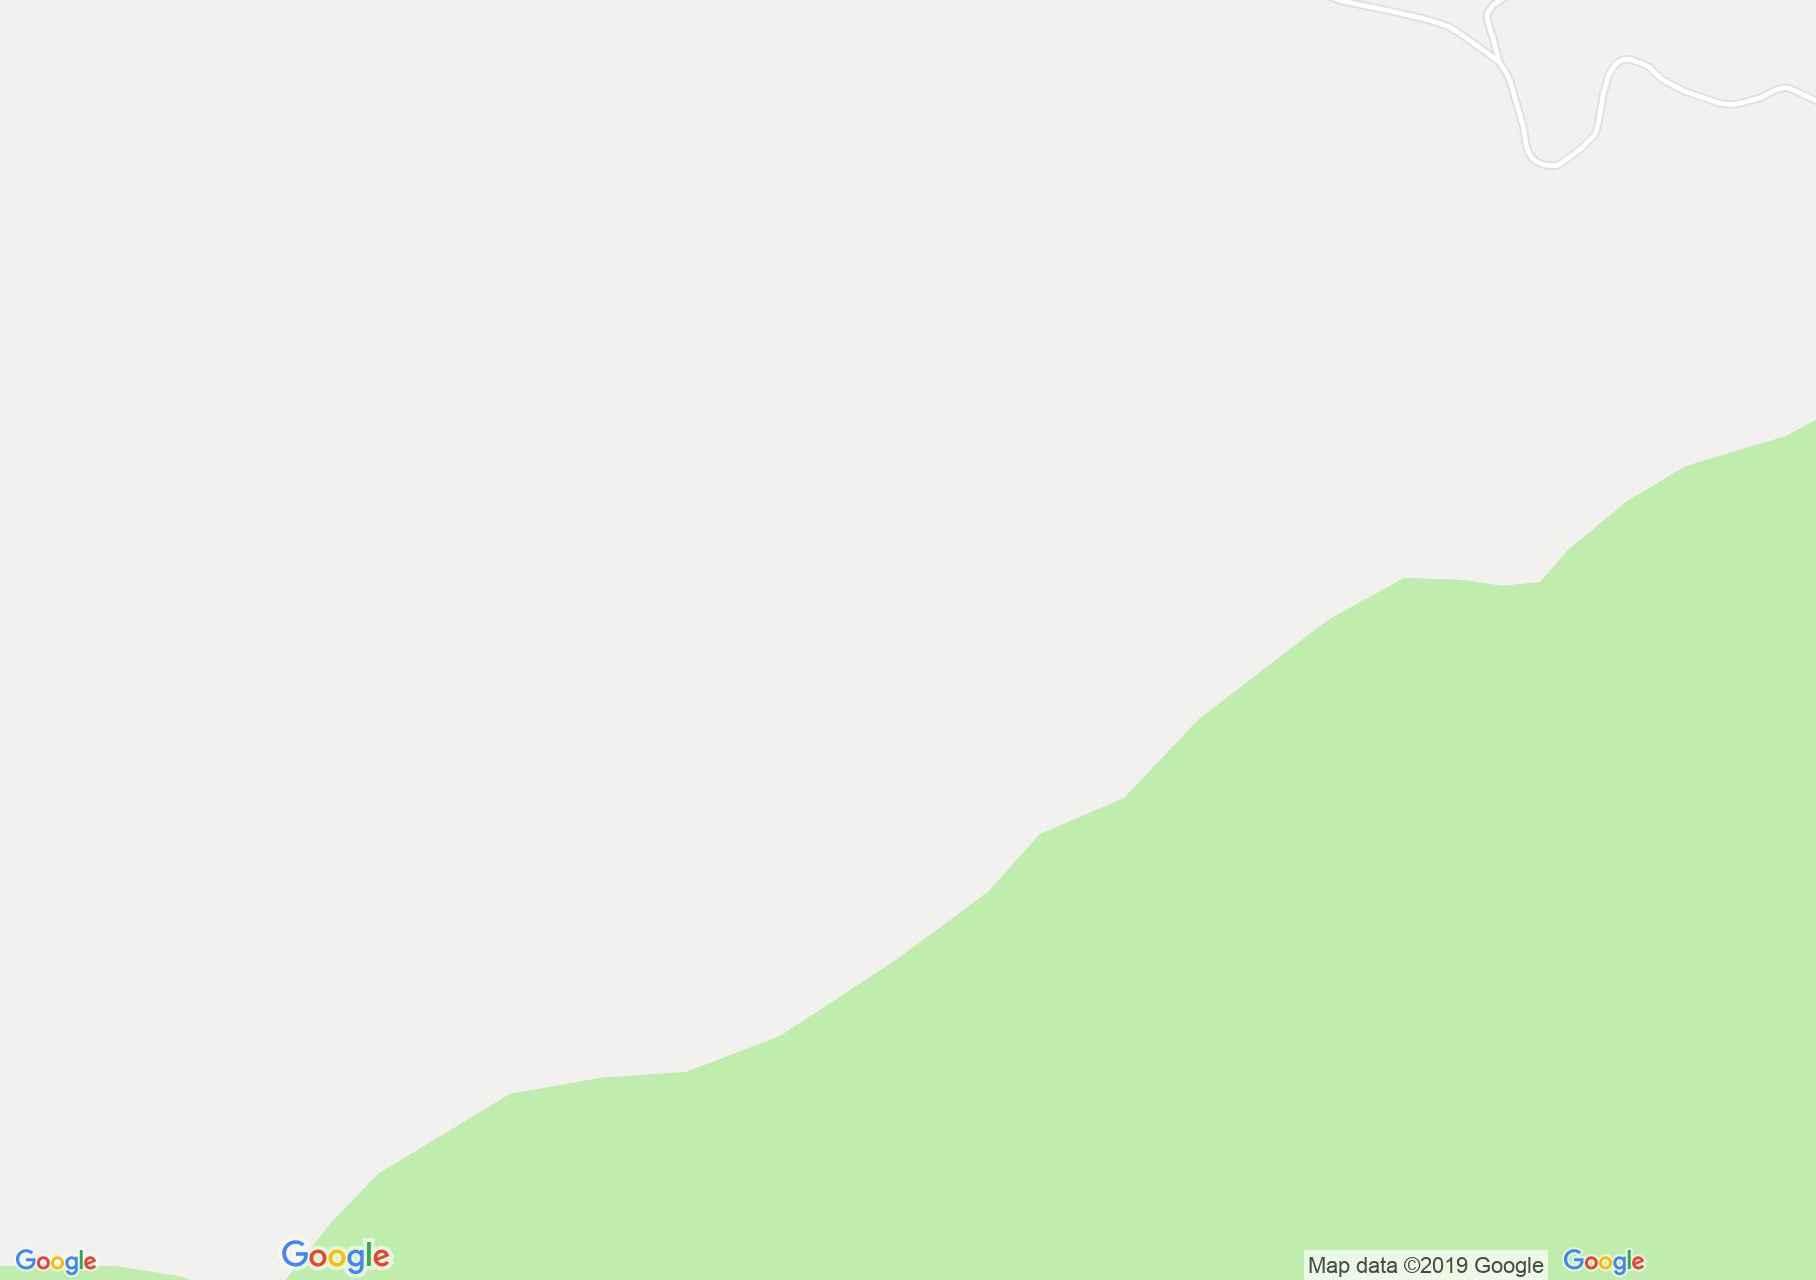 Hartă Bihor-Vlădeasa, Munţii Apuseni: Plaiul Ferice